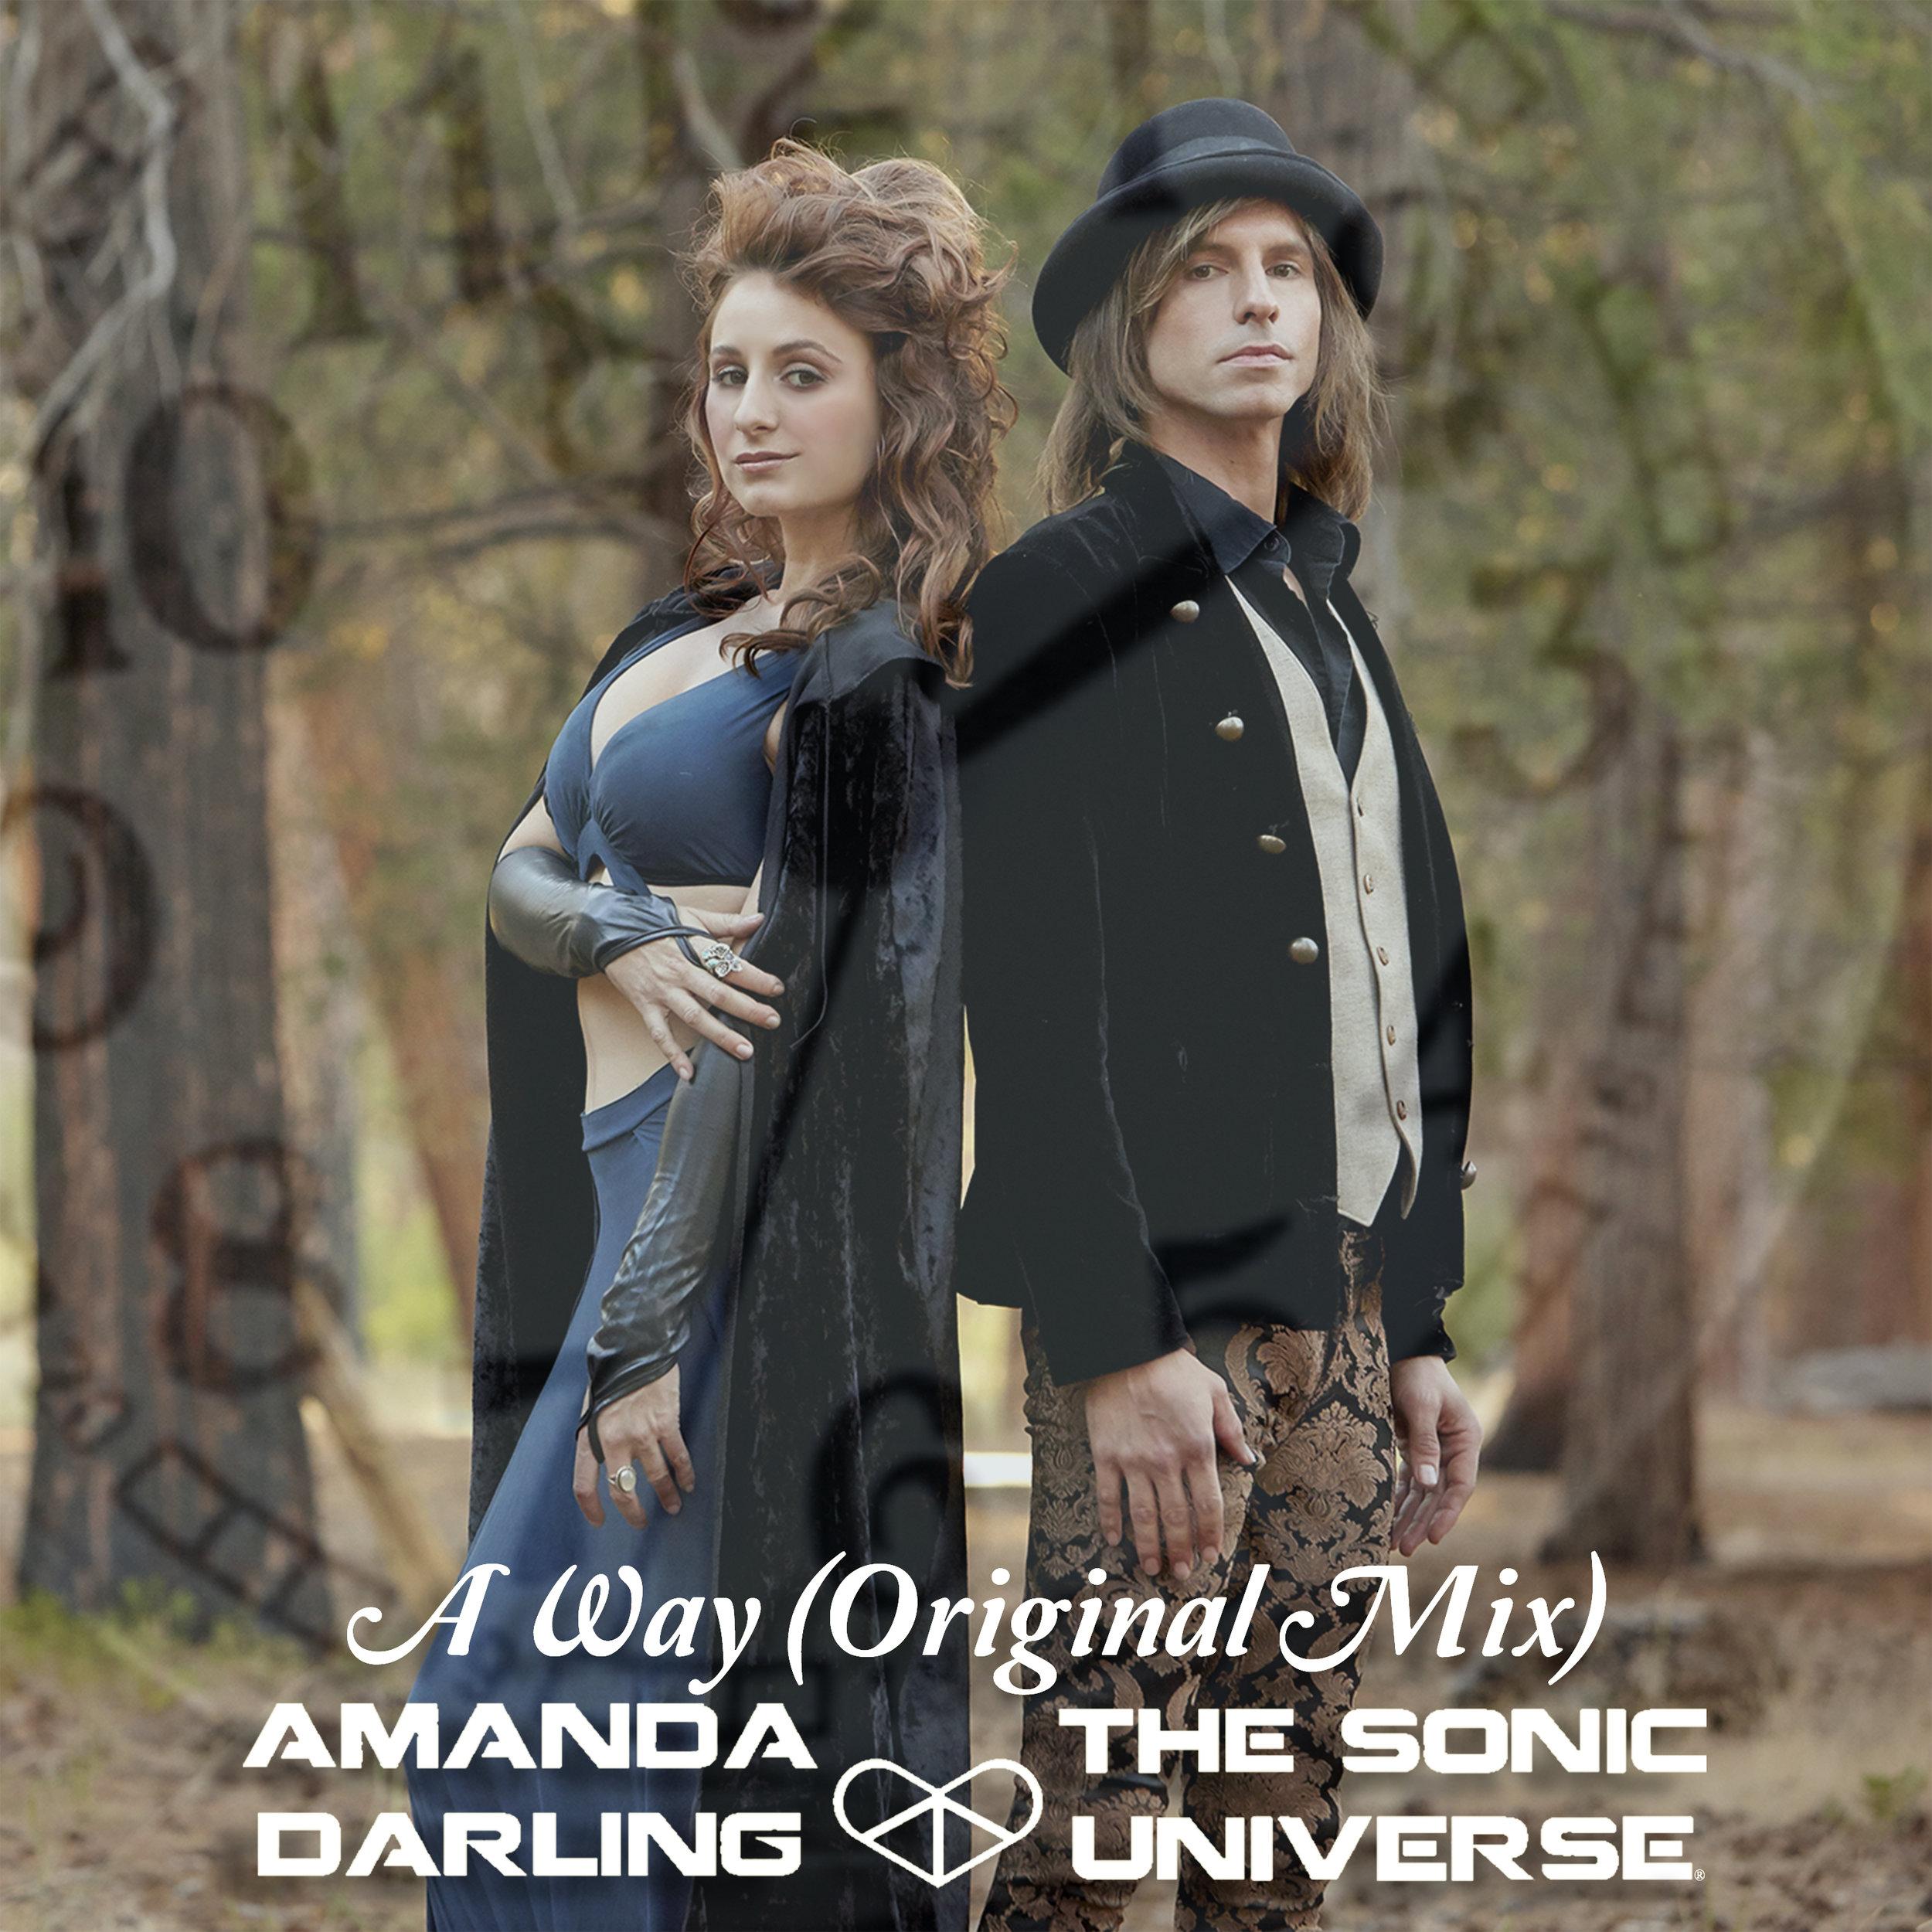 Amanda Darling, The Sonic Universe - A Way (Original Mix) album cover Beatport release - Alex Arndt